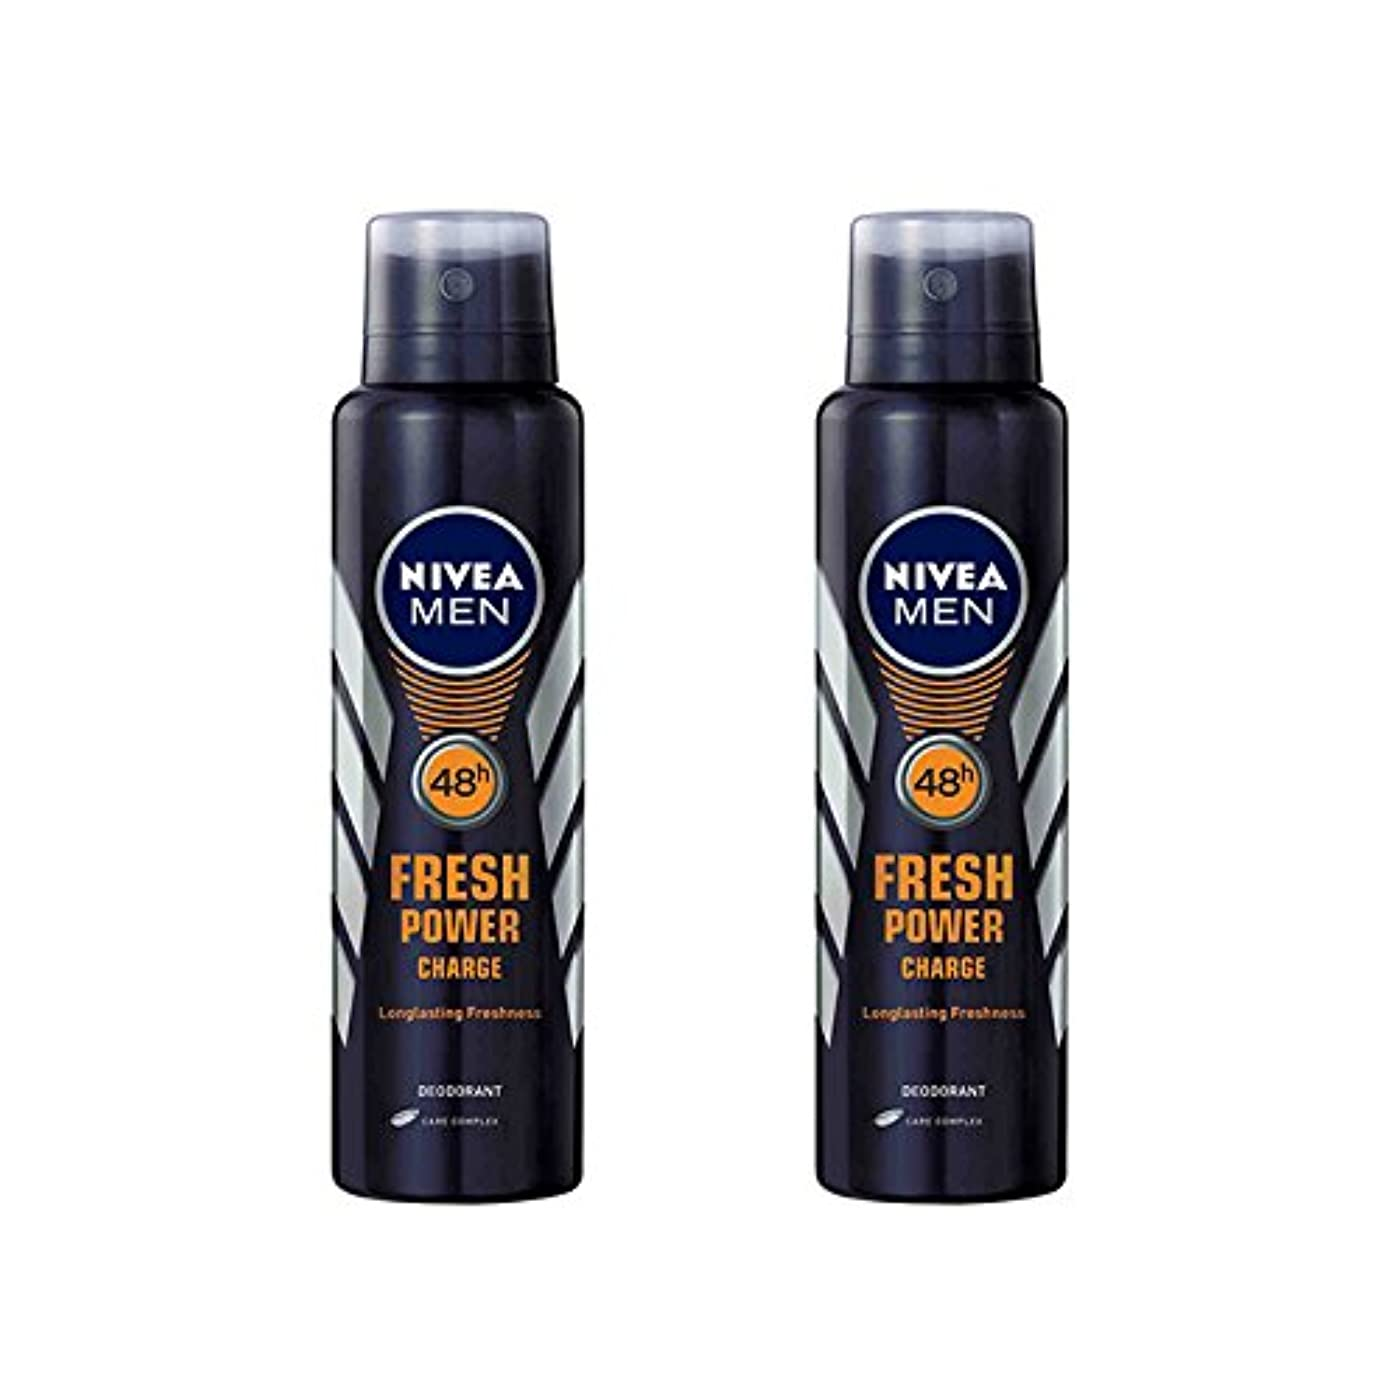 伝統先入観トレース2 Lots X Nivea Male Deodorant Fresh Power Charge, 150ml - 並行輸入品 - 2ロットXニベア男性デオドラントフレッシュパワーチャージ、150ml